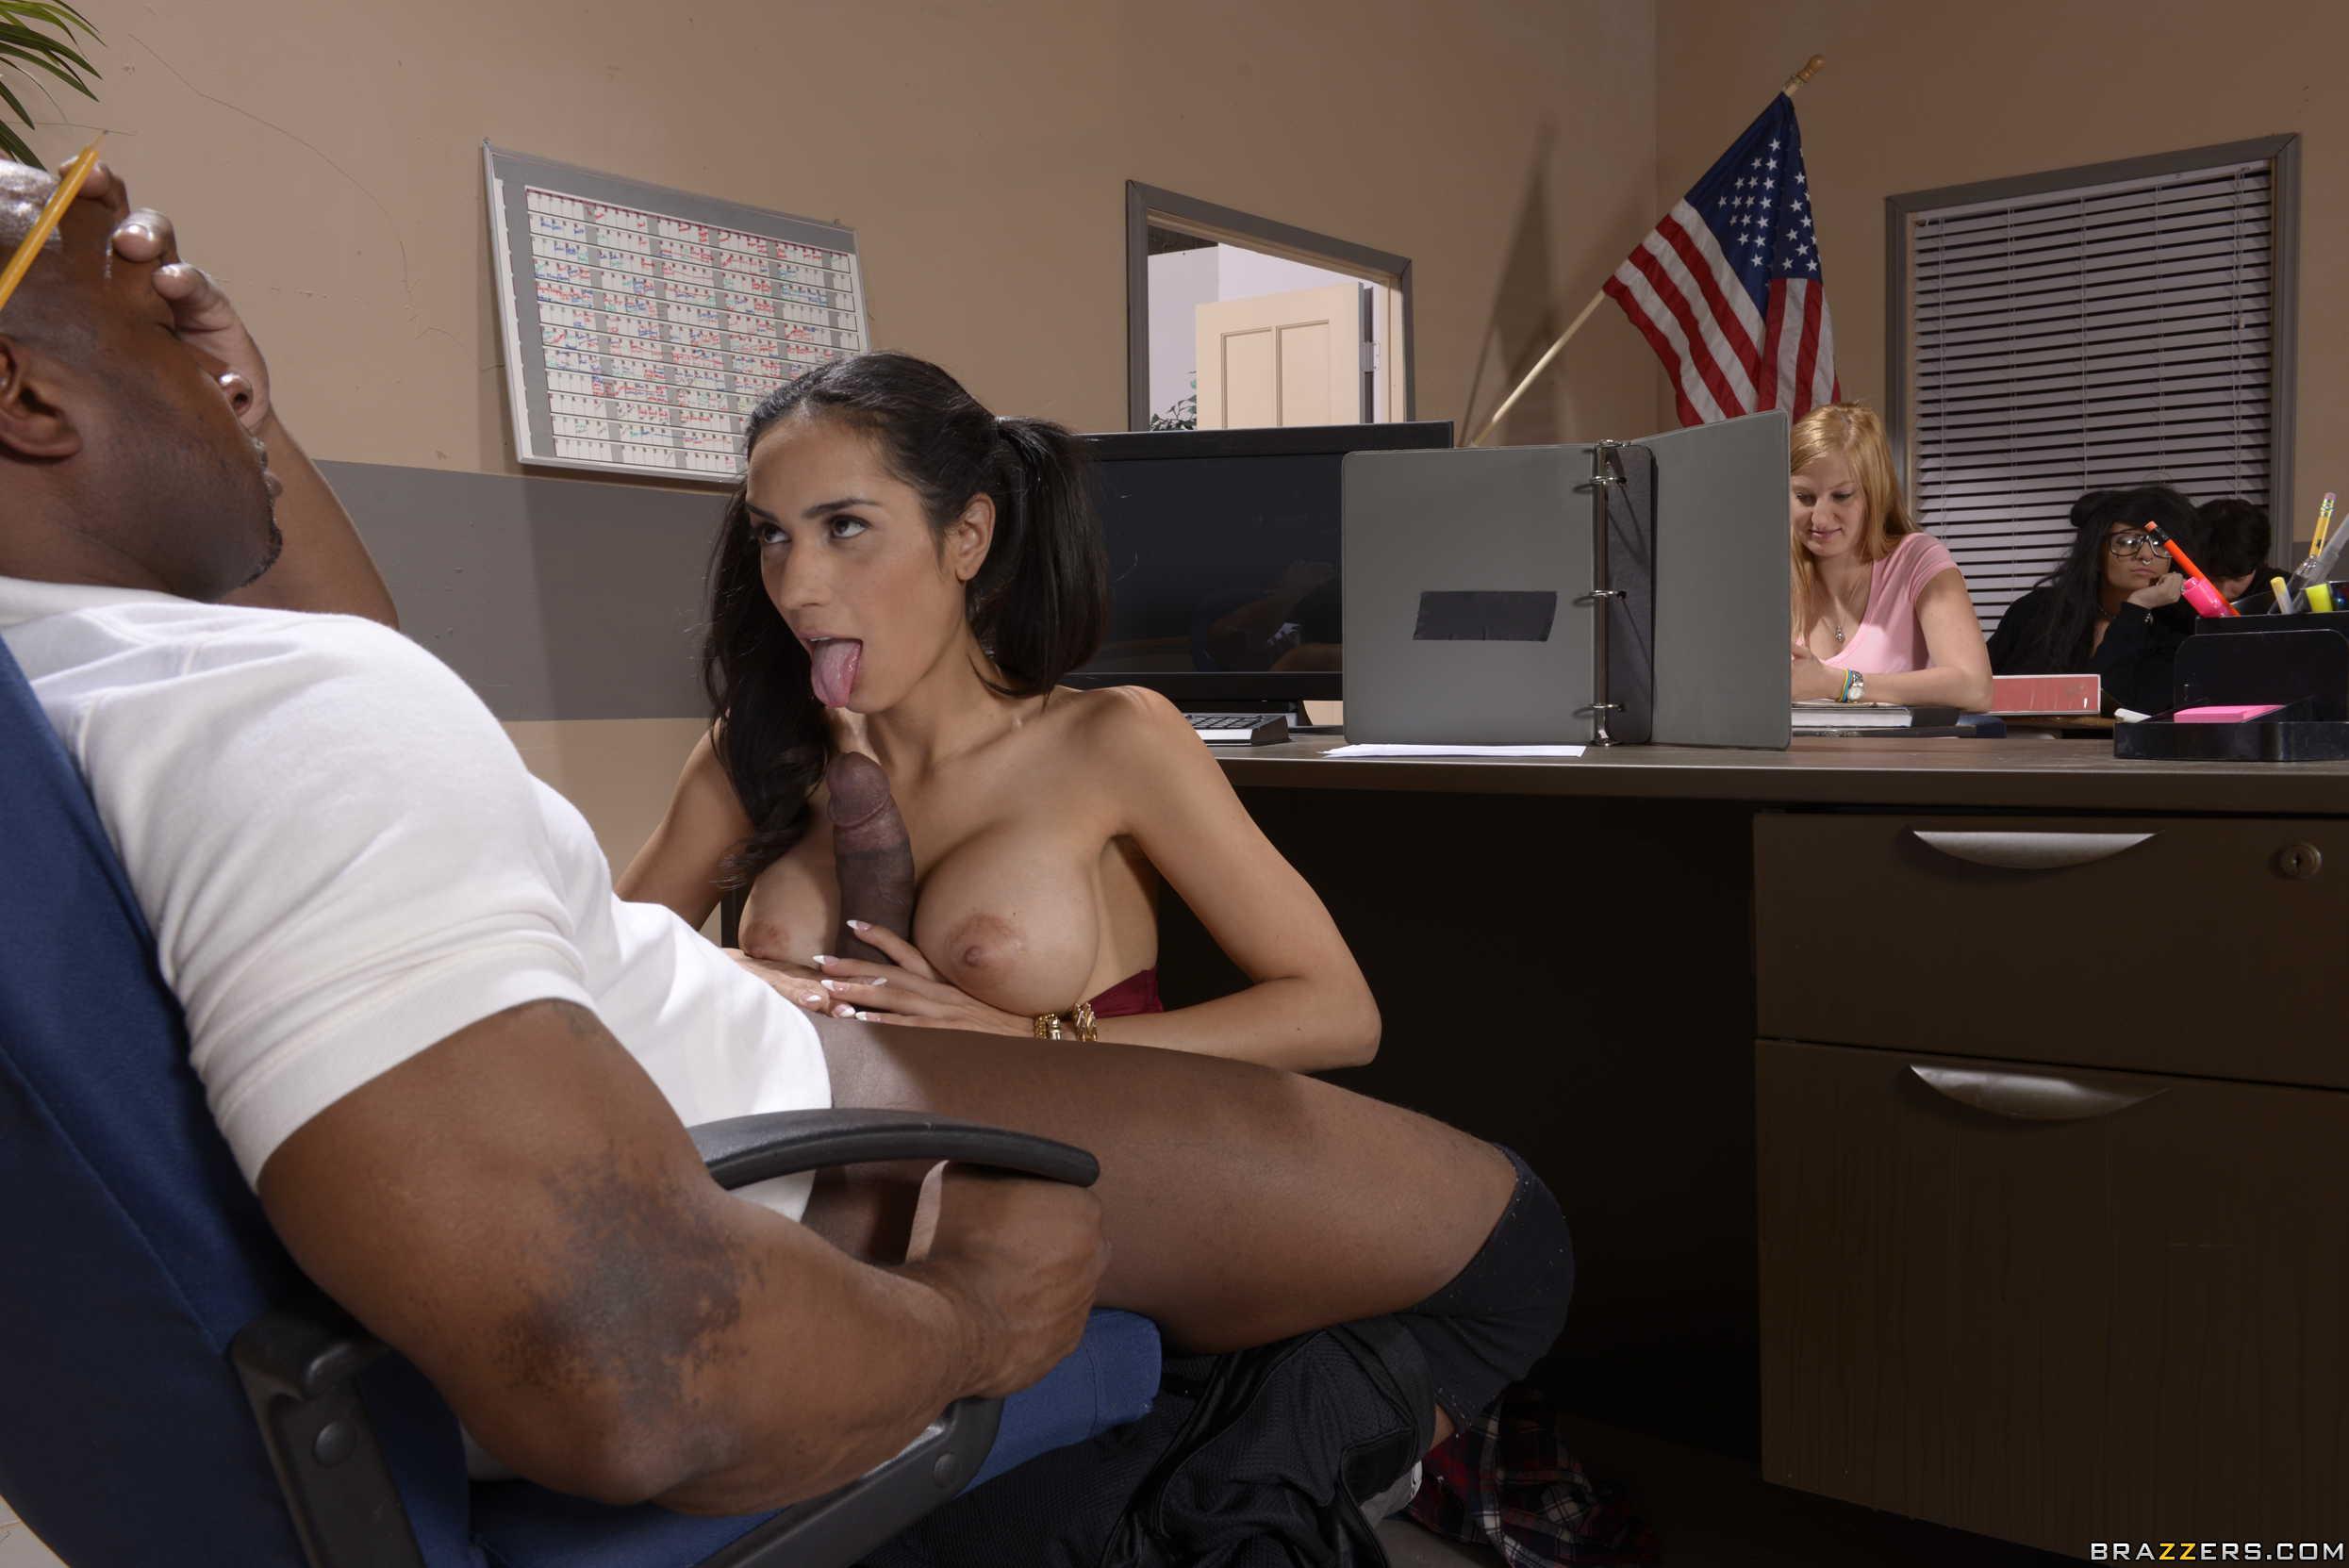 Рассказы минет под столом, Порно рассказ: Знакомство под столом 22 фотография